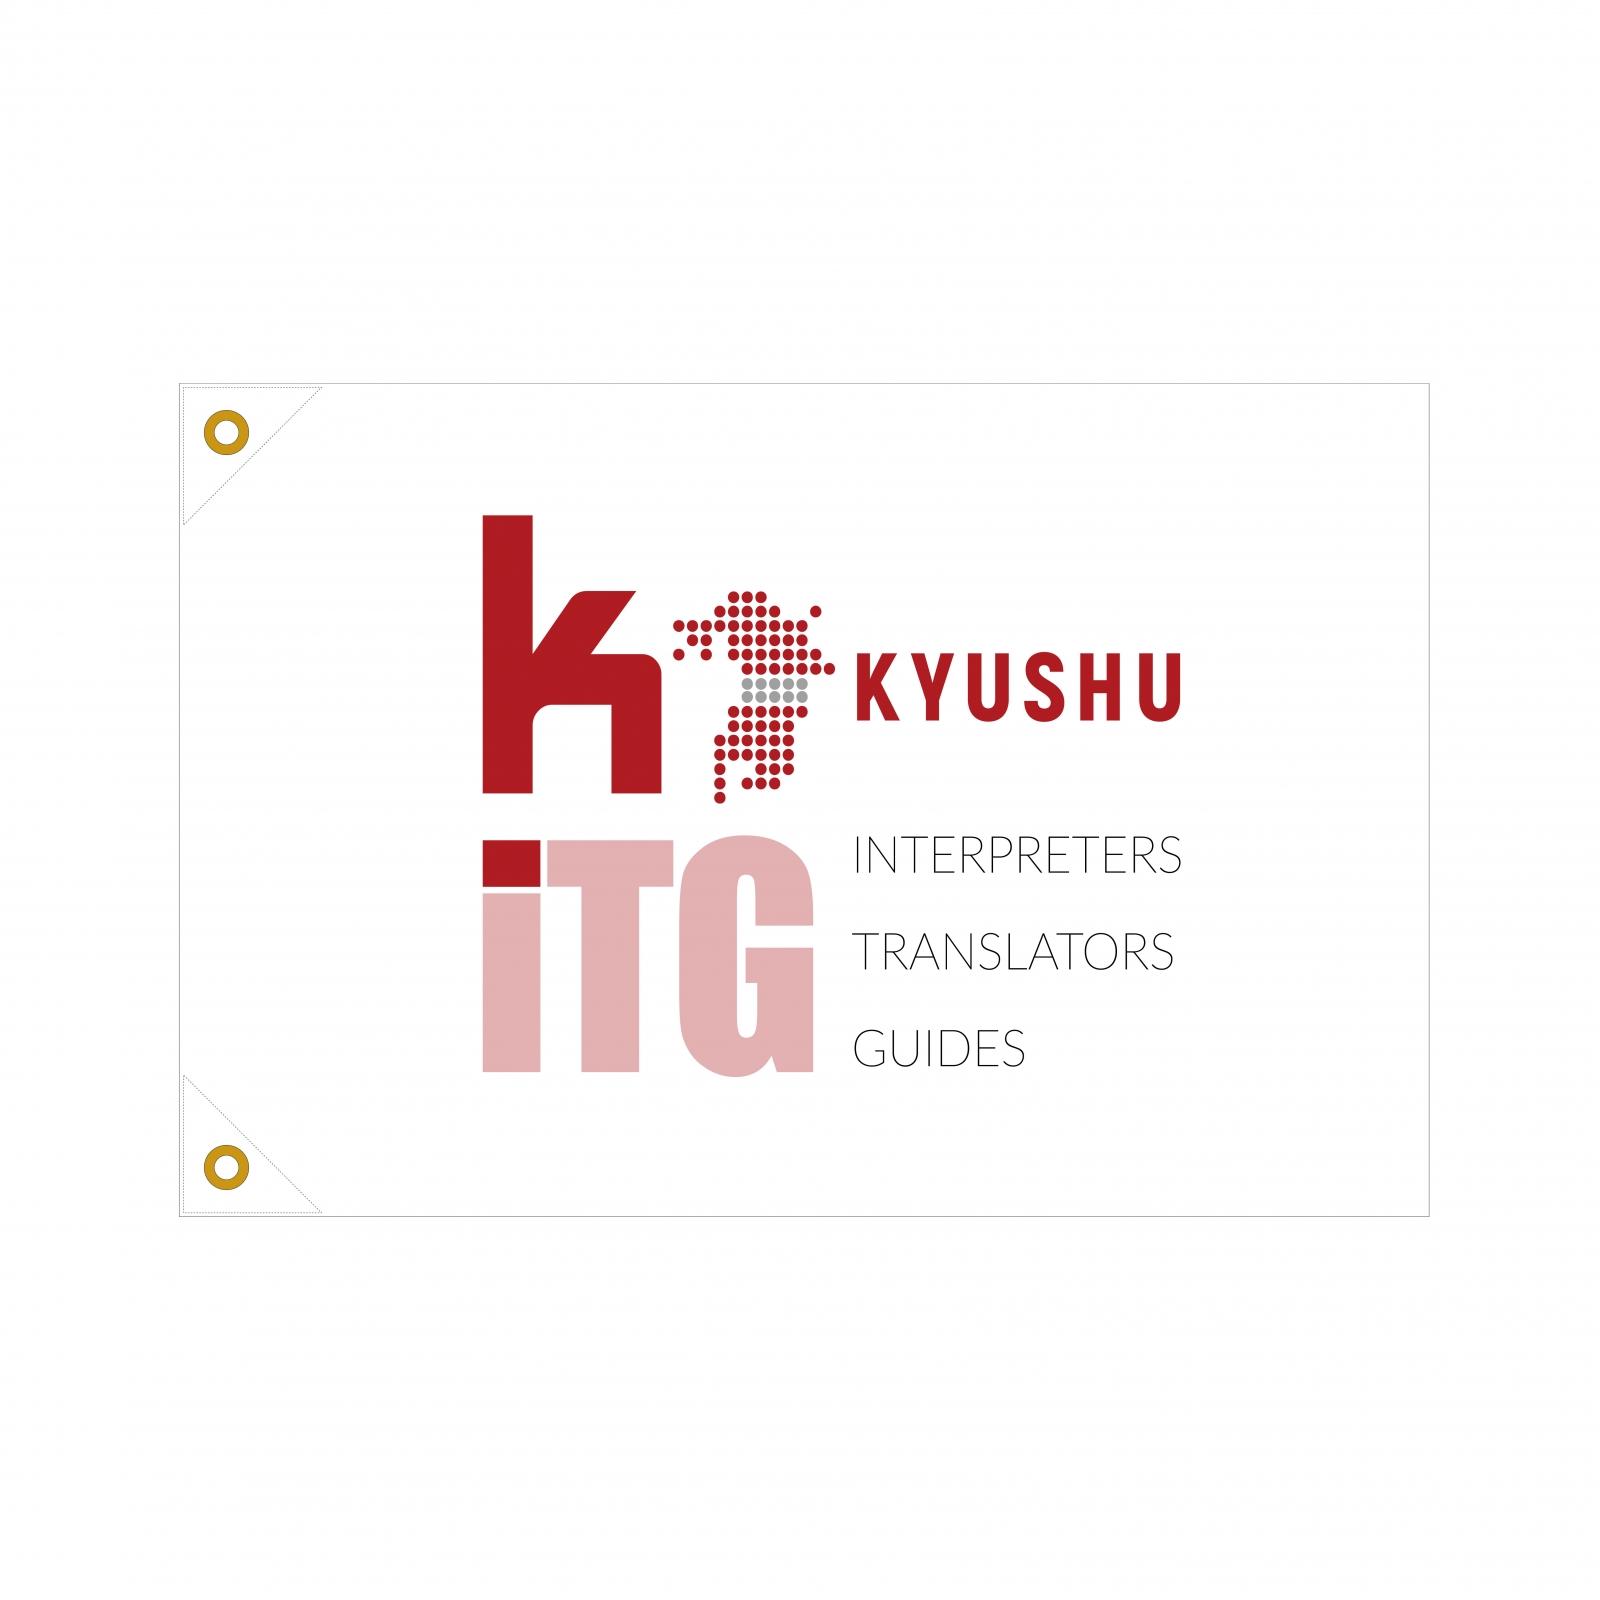 旅行会社の手旗